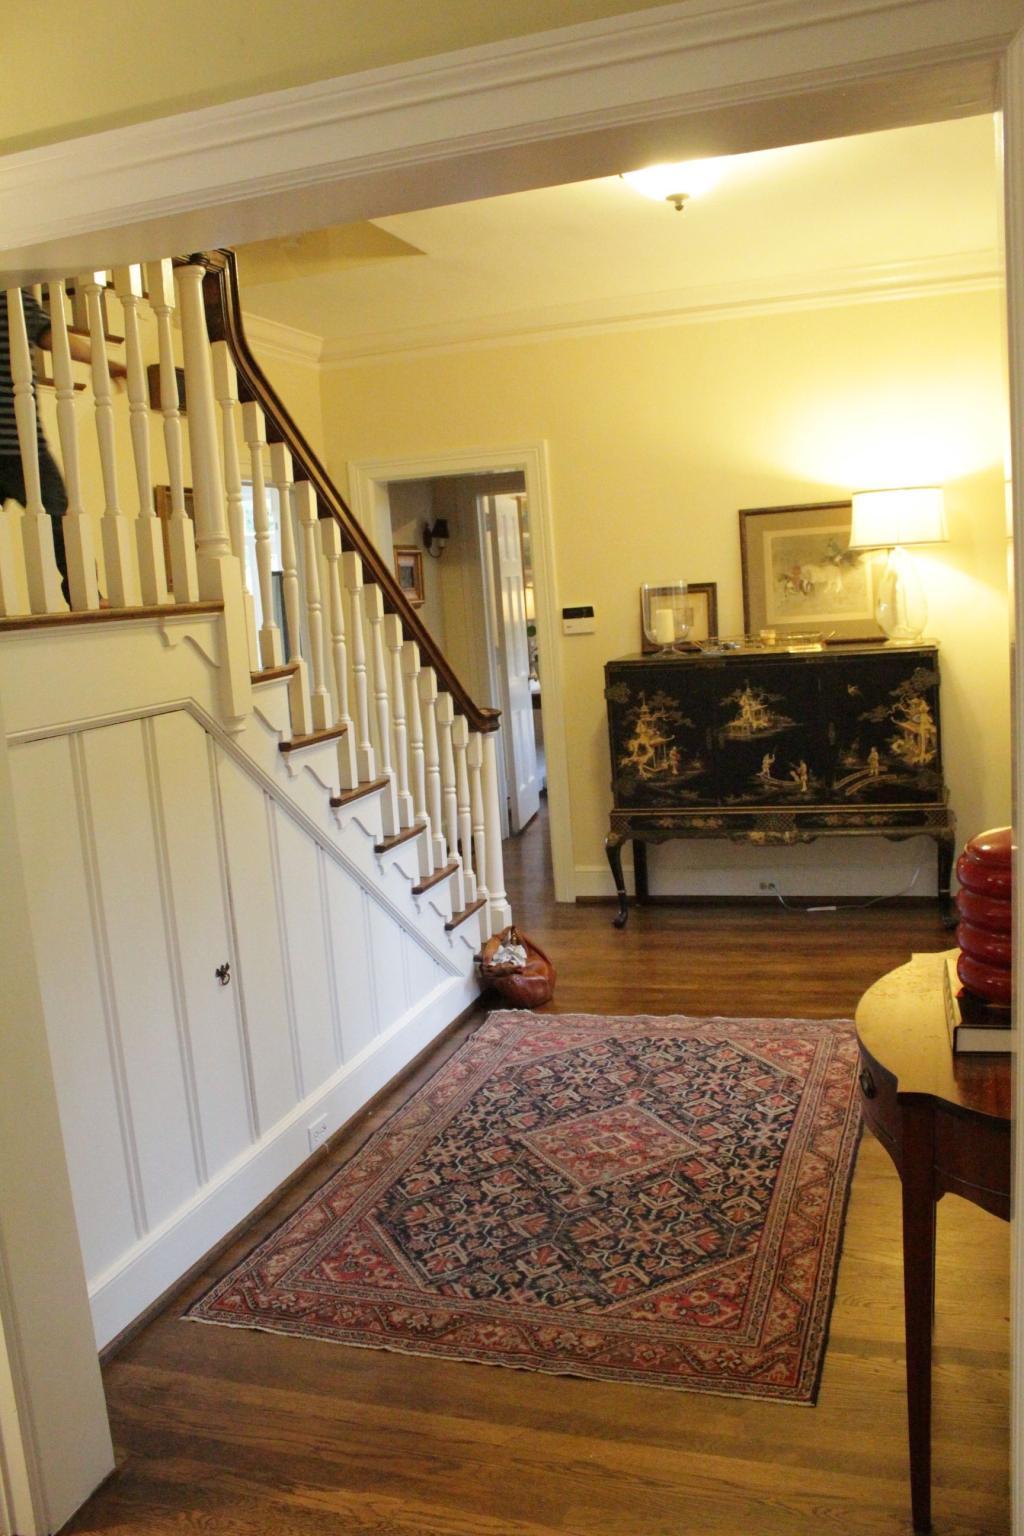 1411 Avon Cir, Birmingham, AL 35213 For Rent | Trulia